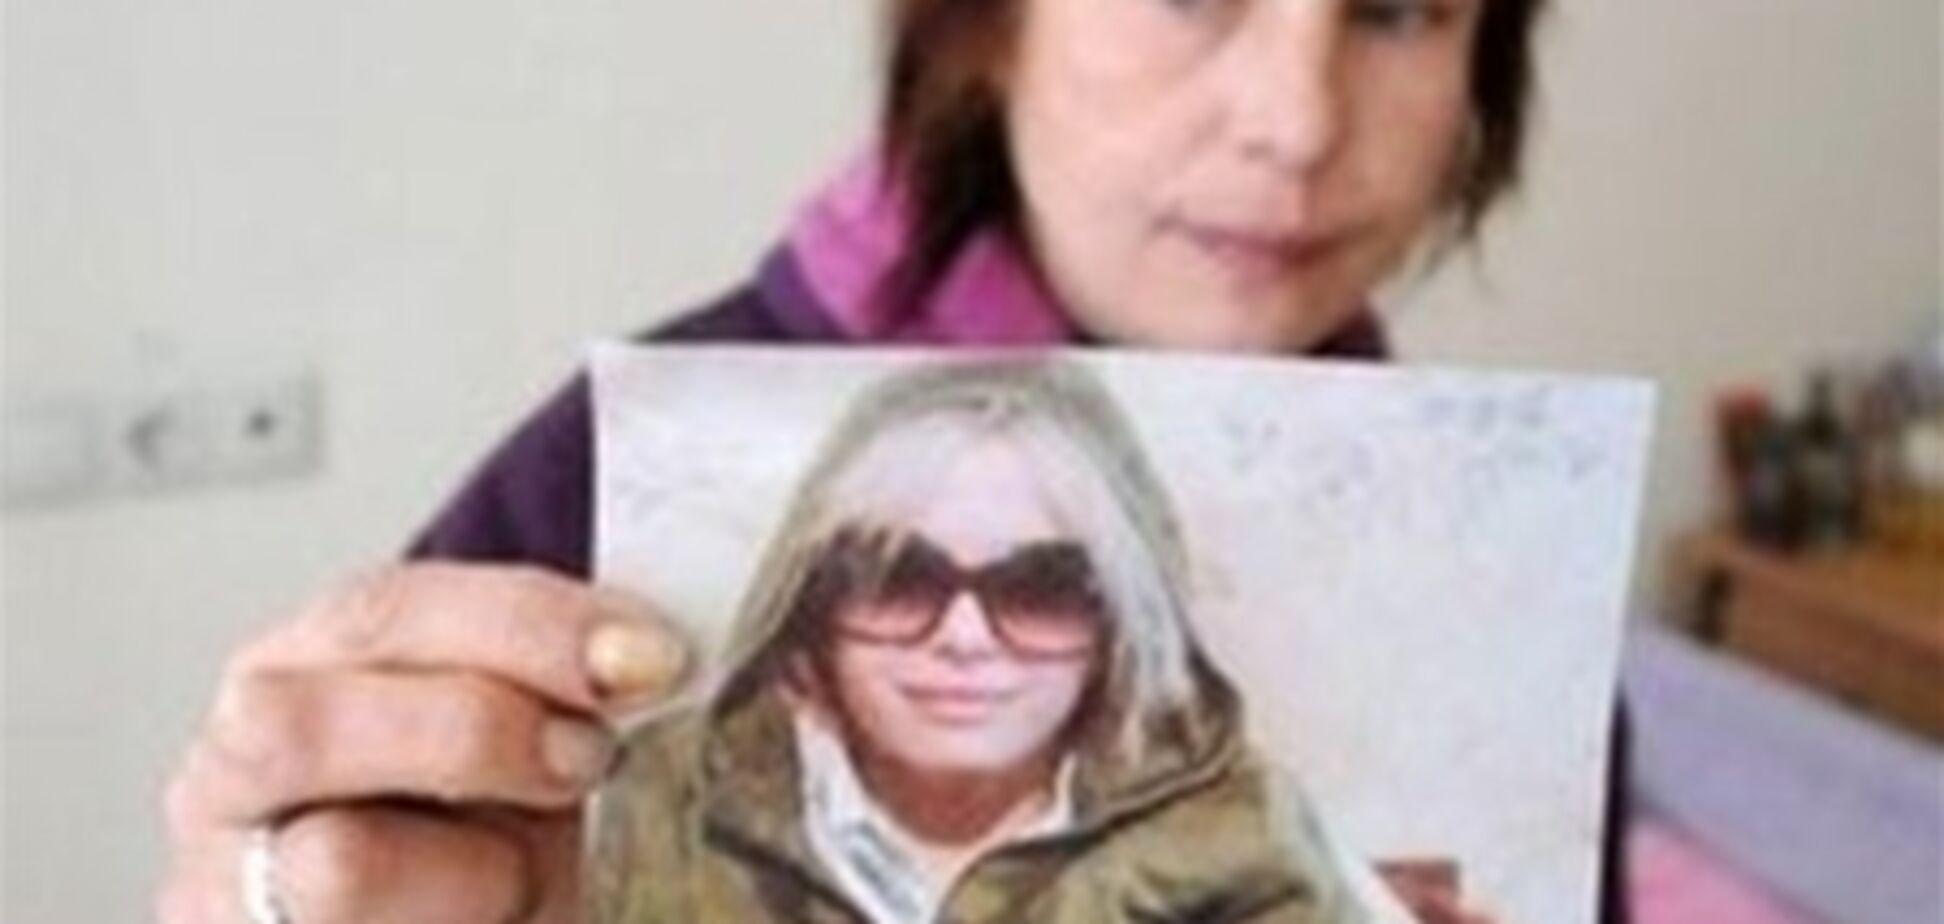 Защитники Оксаны Макар пообещали найти всех, кто клеветал на семью девушки